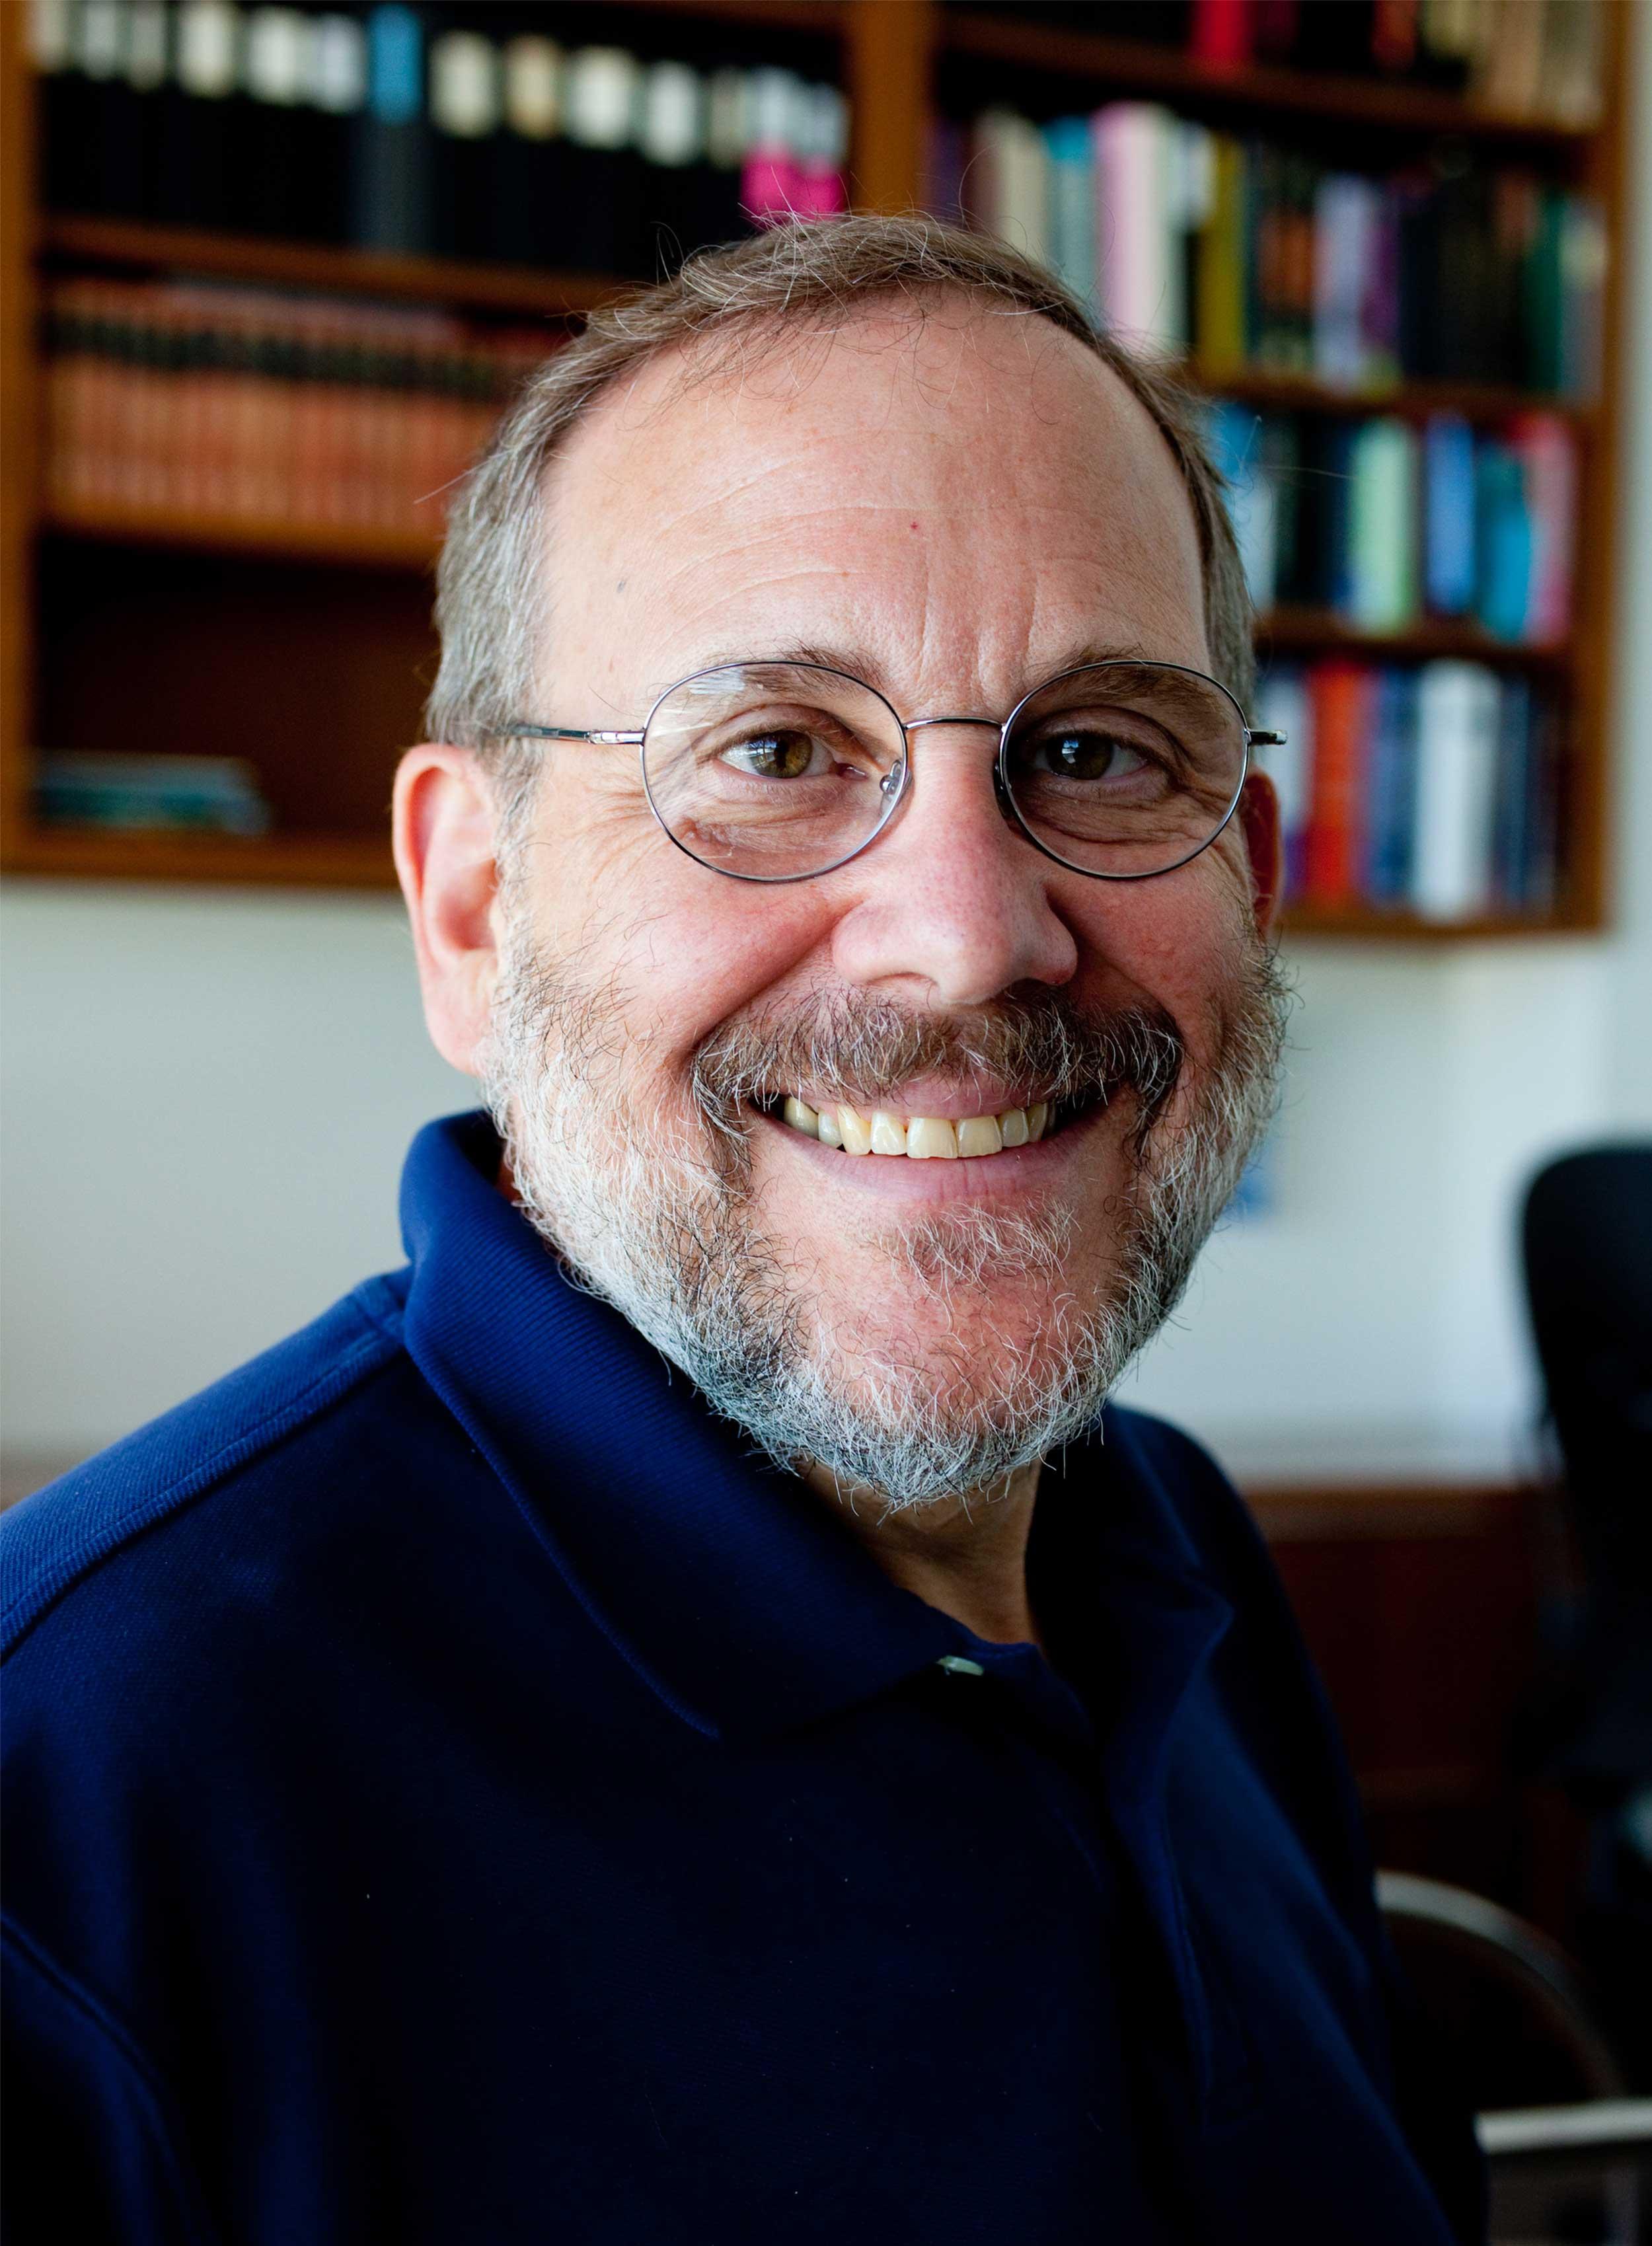 Joshua Sanes, Harvard Professor